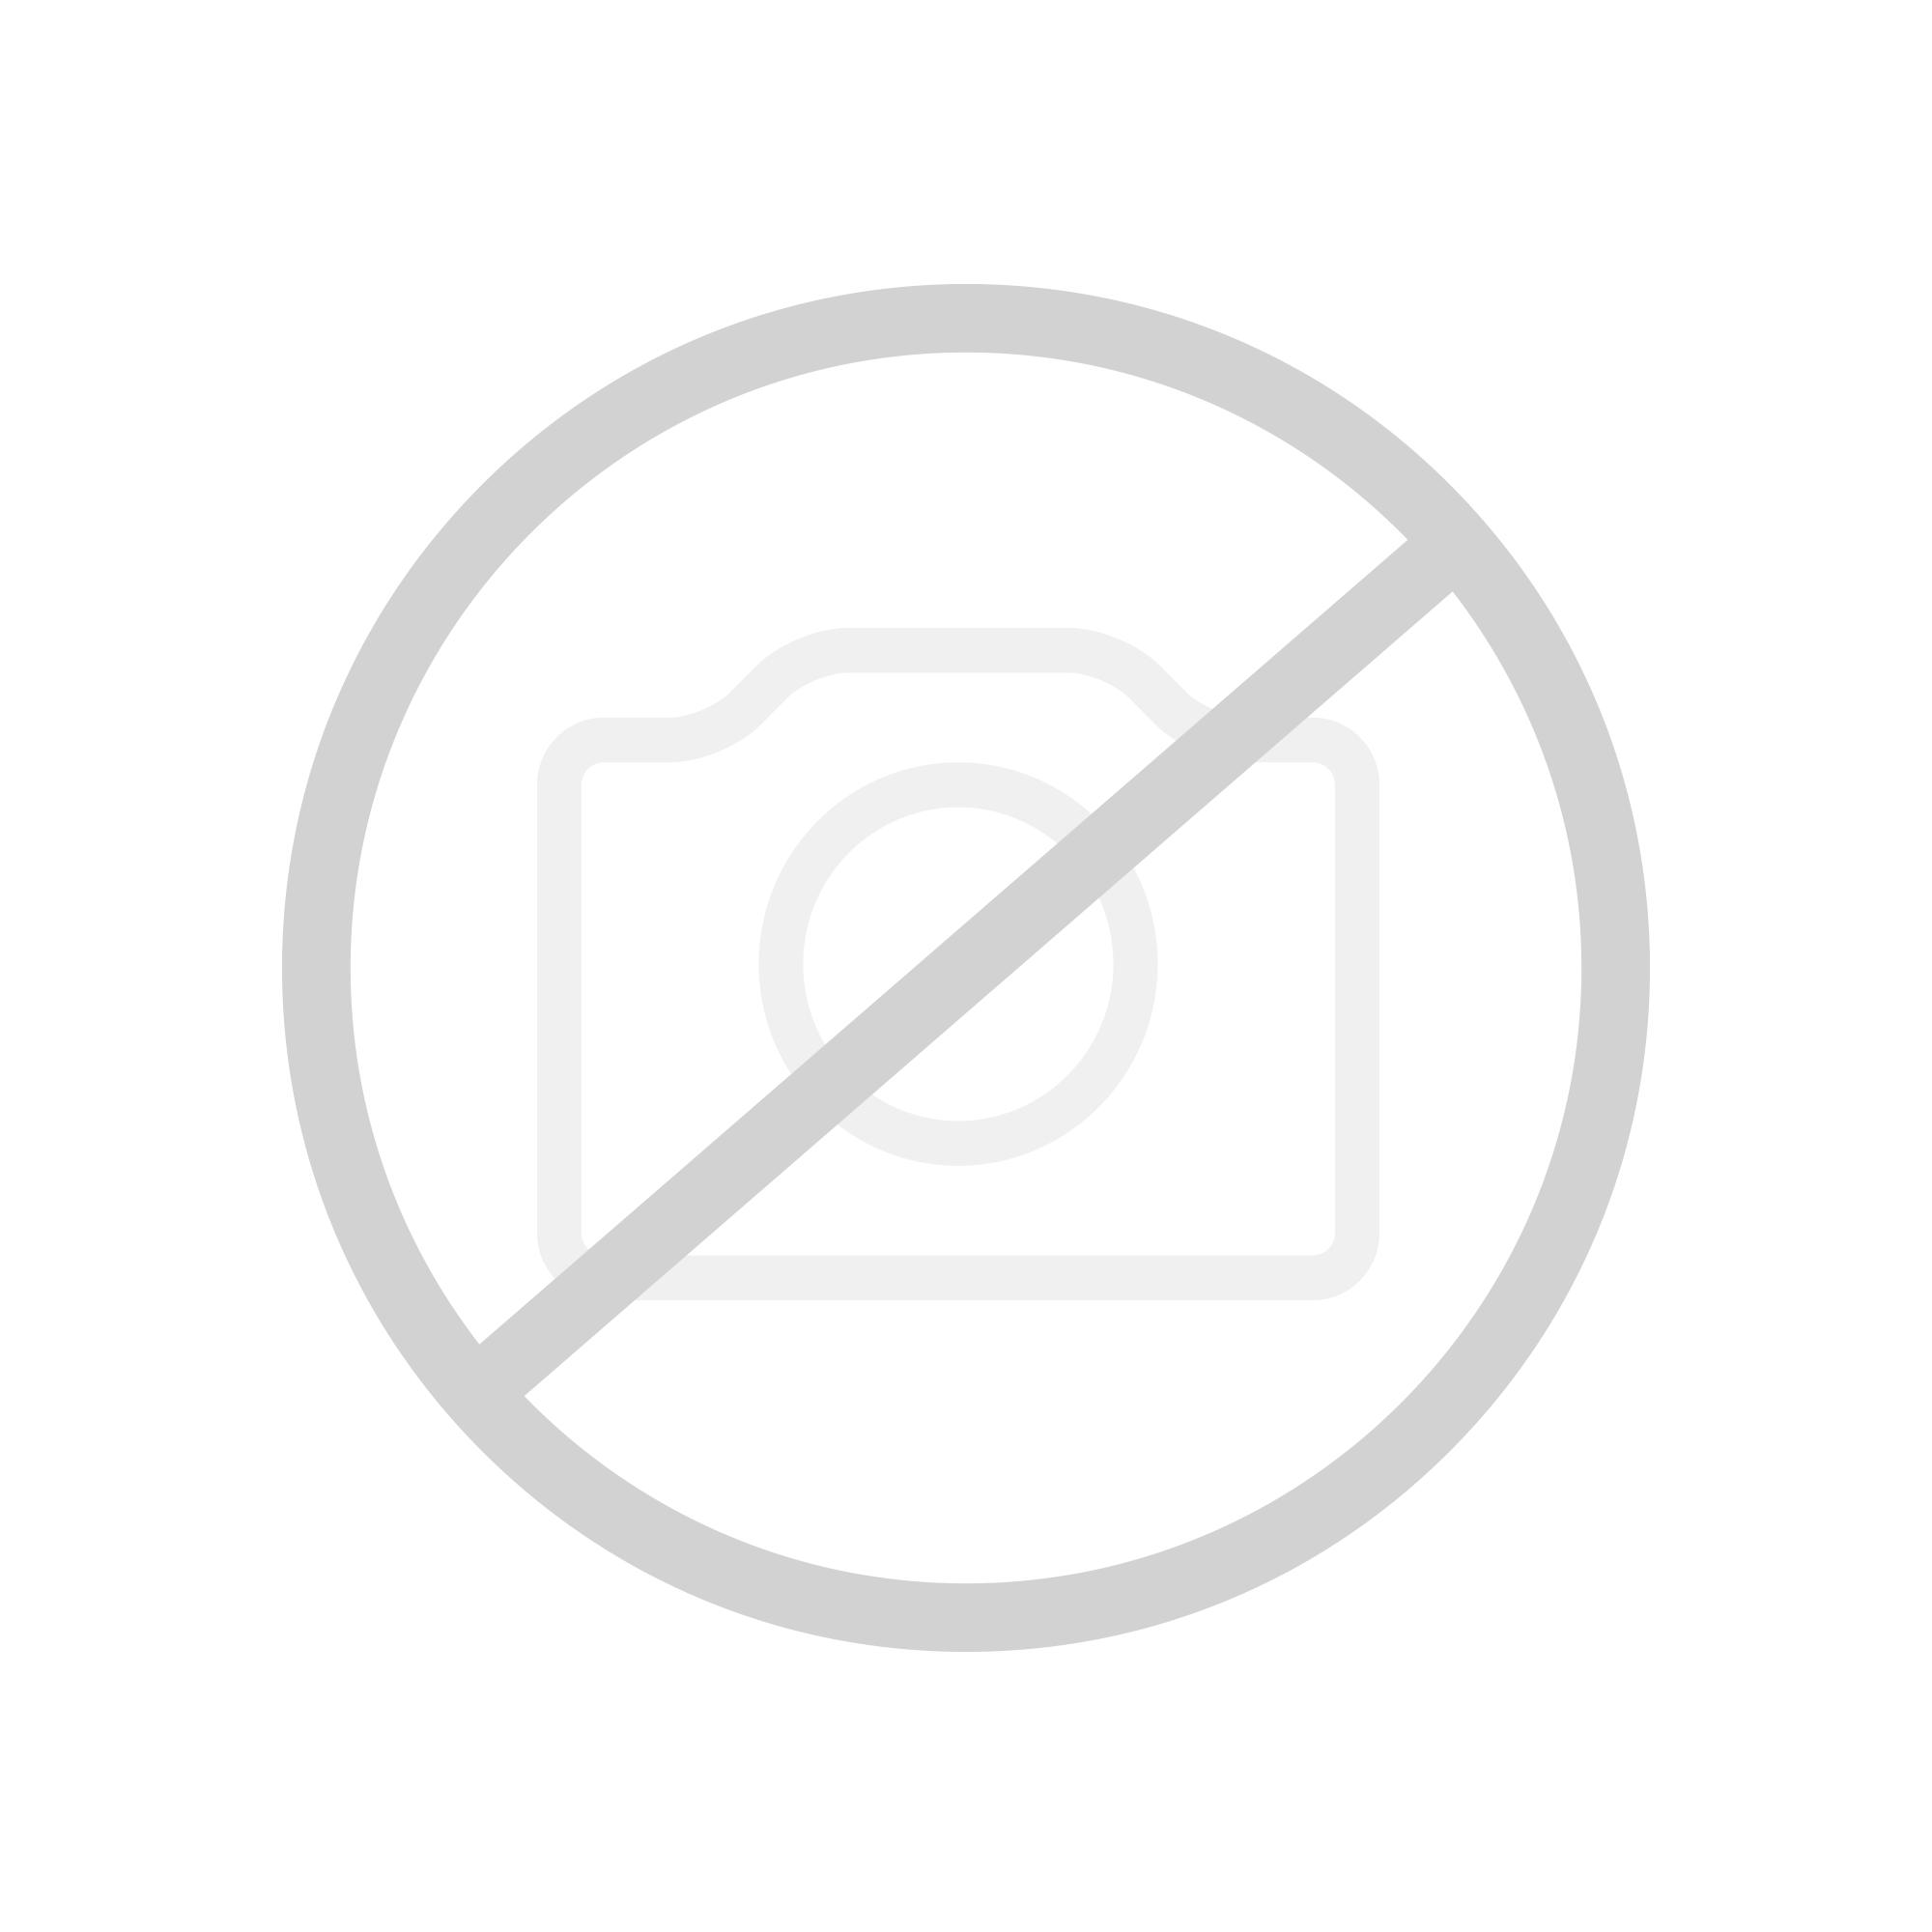 Reuter Badmöbel sanipa badmöbel jetzt günstiger kaufen bei reuter